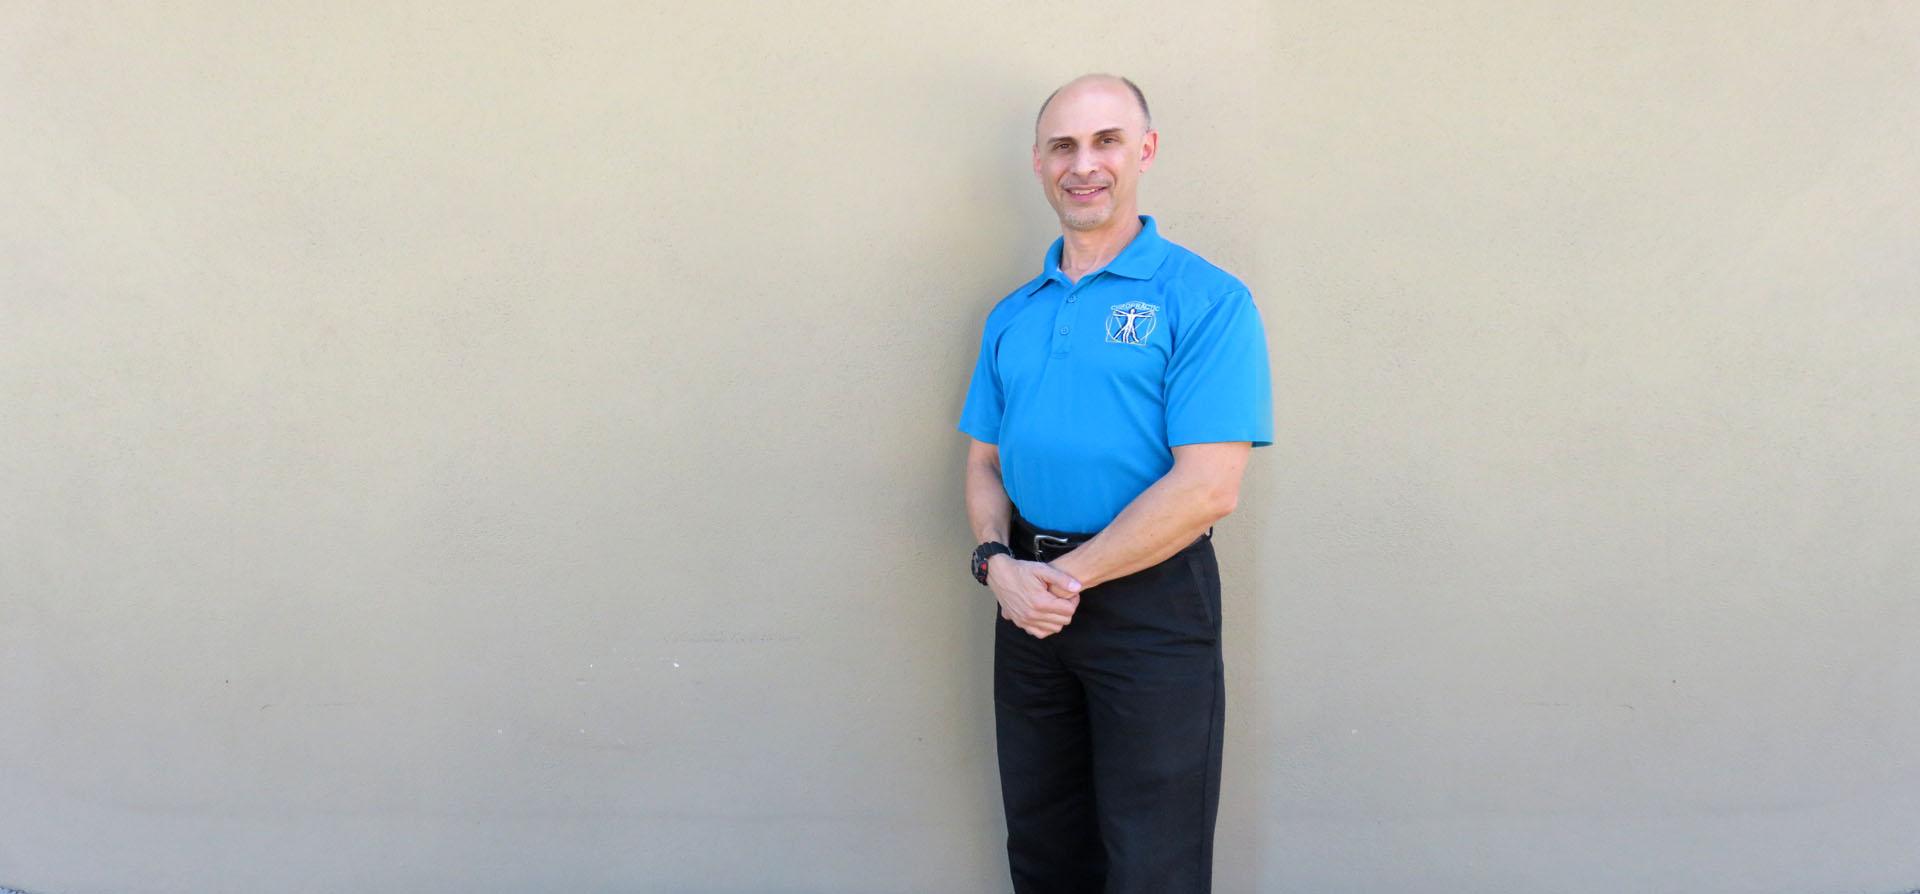 Dr. Steven Komsky | Chiropractor | Tampa, FL